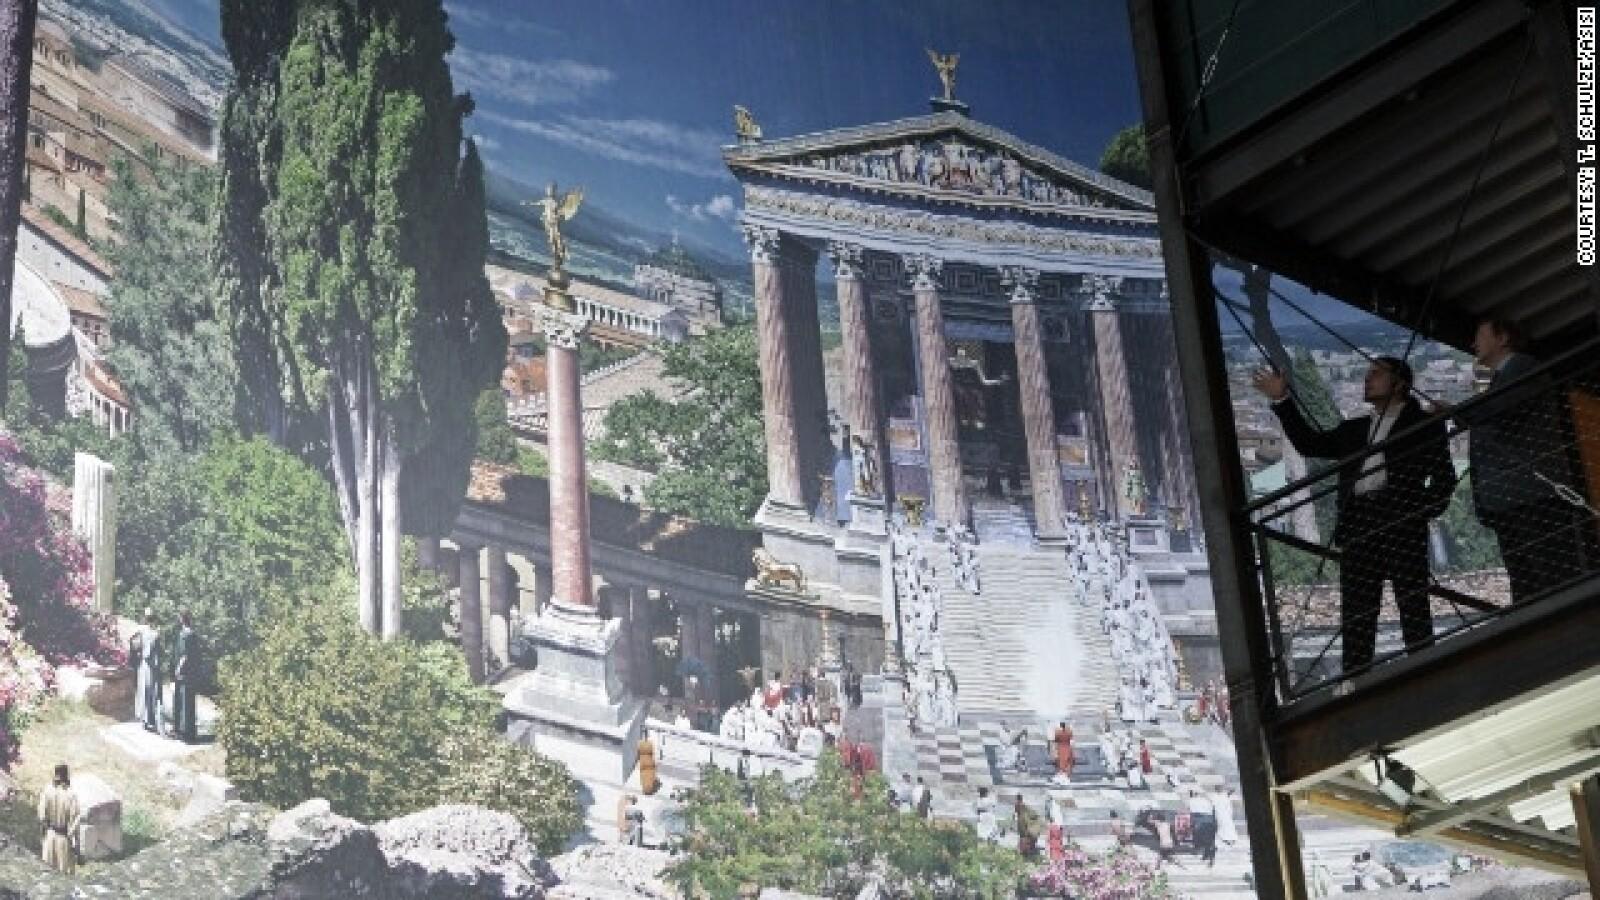 alemania roma arte antiguo panoramica arte ciudad paisaje